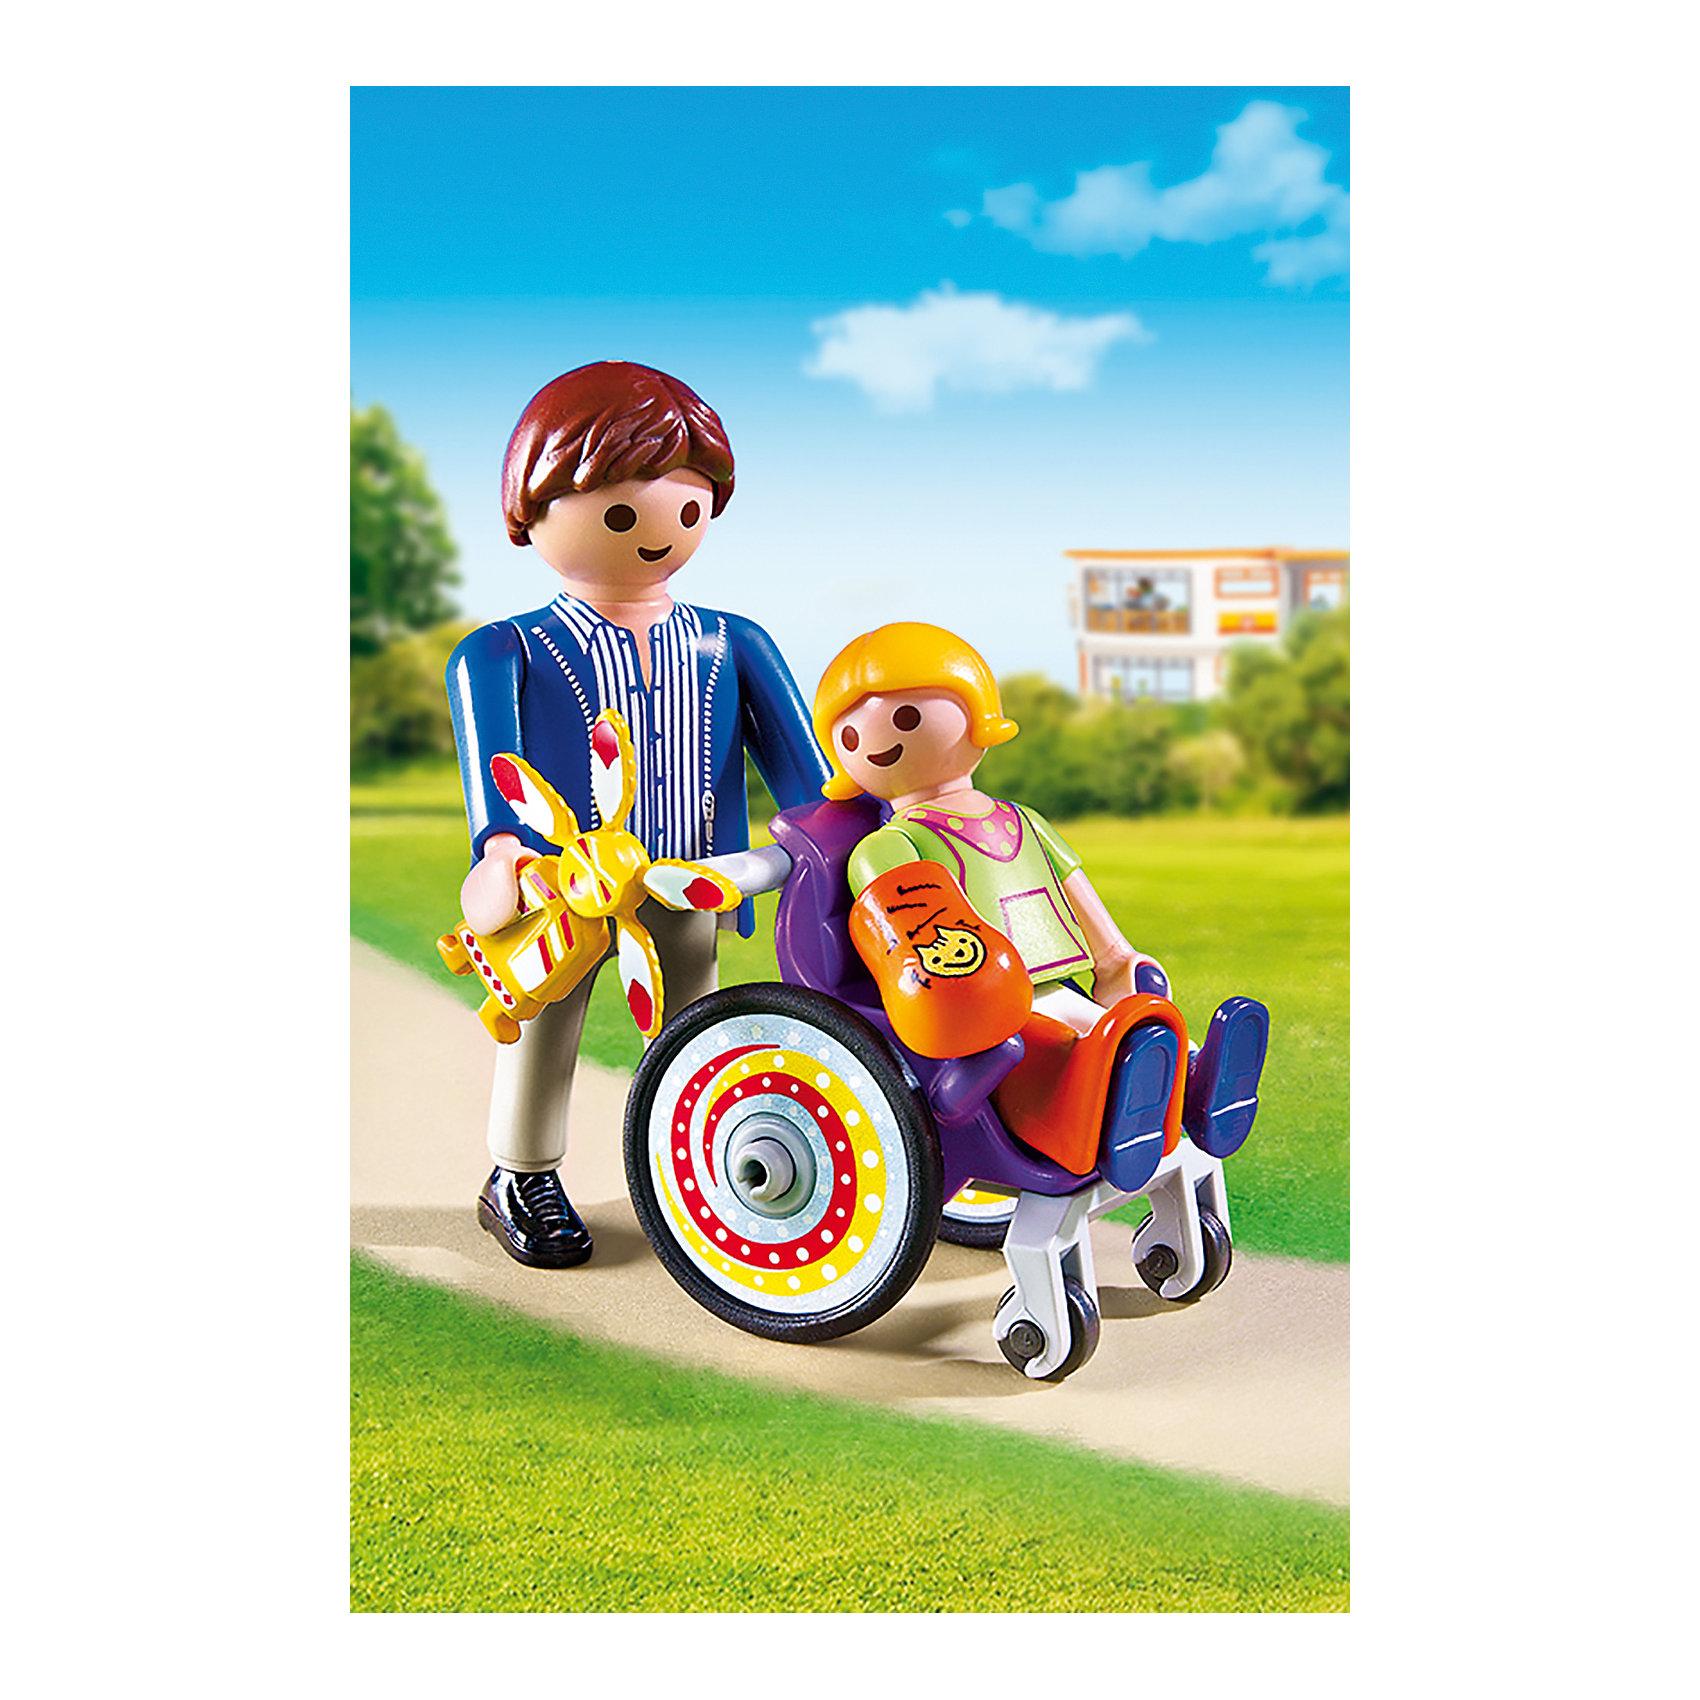 Детская клиника: Ребенок в коляске, PLAYMOBILПластмассовые конструкторы<br>Малышка выздоровела и наконец-то уезжает из больницы домой! Посмотри, как она радуется приехавшему за ней папе! В набор входят две фигурки, детская коляска и аксессуары, которые сделают игру еще реалистичнее и увлекательнее.  Фигурки имеют подвижные конечности. Все детали прекрасно проработаны и выполнены из высококачественного экологичного пластика безопасного для детей. Играть с таким набором не только приятно и интересно - подобные виды игры развивают мелкую моторику, воображение, творческое мышление.<br><br>Дополнительная информация:<br><br>- 2 фигурки в наборе. <br>- Комплектация: 2 фигурки, коляска, аксессуары.<br>- Материал: пластик.<br>- Размер упаковки: 15х10х5 см.<br>- Высота фигурки: 7,5 см.<br>- Высота фигурки ребенка: 5,5 см.<br>- Голова, руки, ноги у фигурок подвижные.<br><br>Экстра-набор: Мастер с инструментами на велосипеде, PLAYMOBIL (Плеймобил), можно купить в нашем магазине.<br><br>Ширина мм: 147<br>Глубина мм: 96<br>Высота мм: 50<br>Вес г: 67<br>Возраст от месяцев: 48<br>Возраст до месяцев: 120<br>Пол: Унисекс<br>Возраст: Детский<br>SKU: 4012468